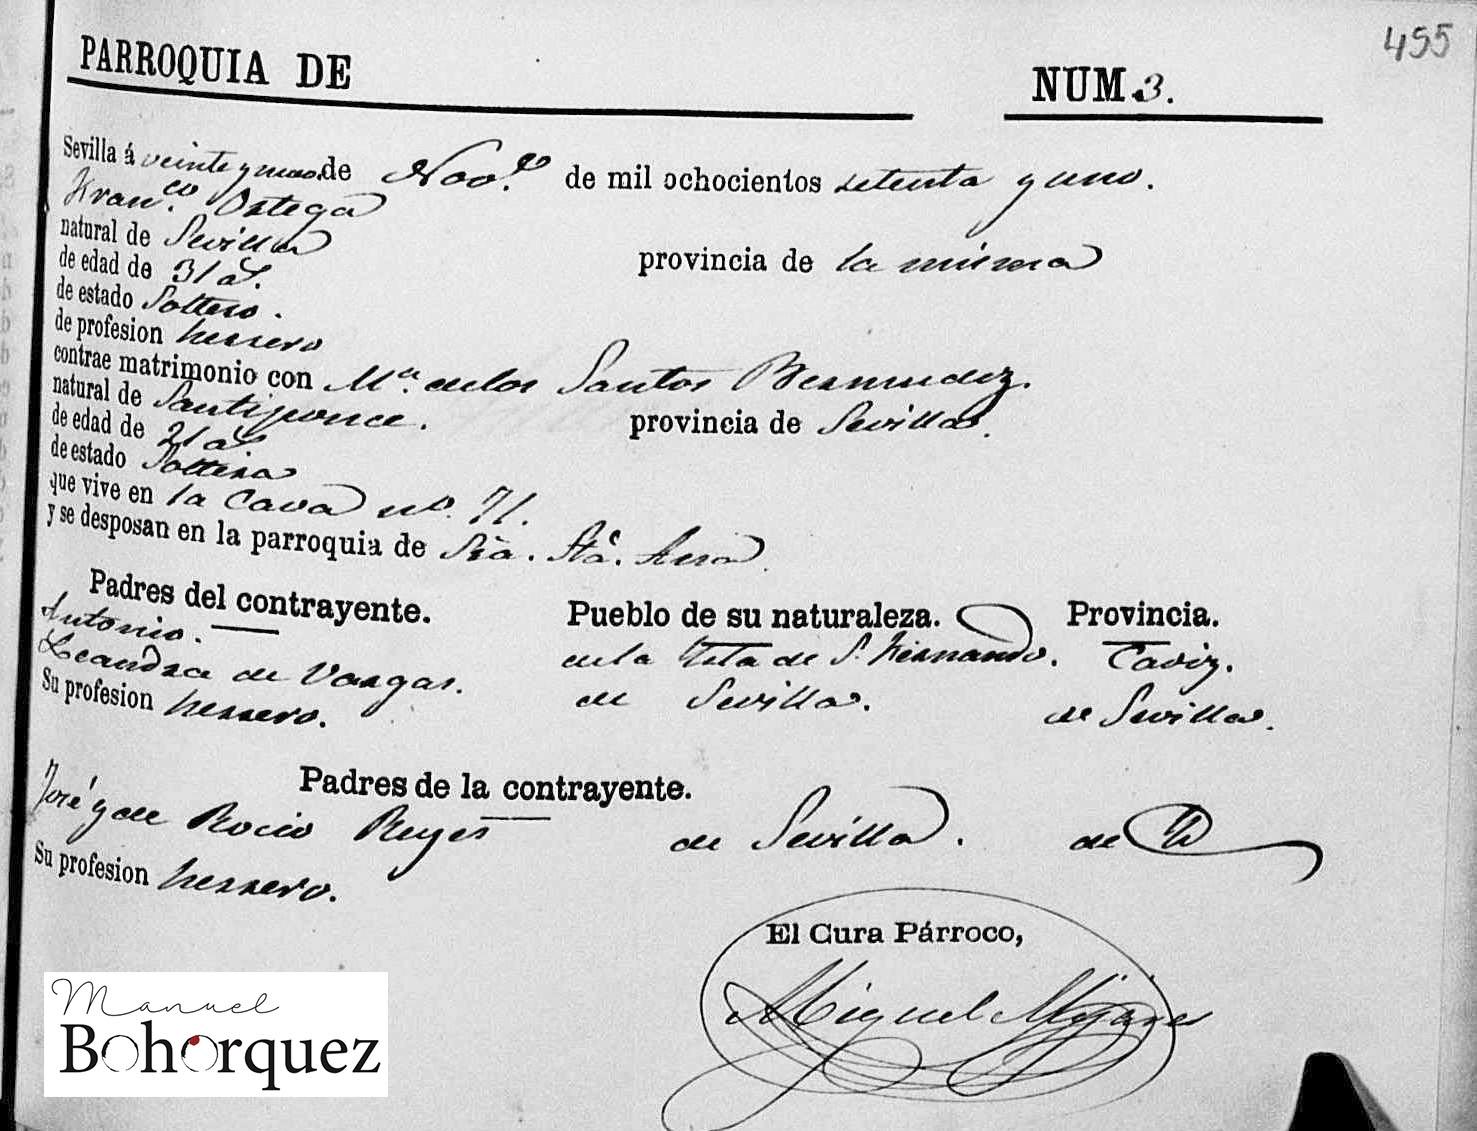 Boda de Francisco Ortega Vargas, hijo de El Fillo, con María de los Santos Reyes Bermúdez, 1871. Archivo Manuel Bohórquez.